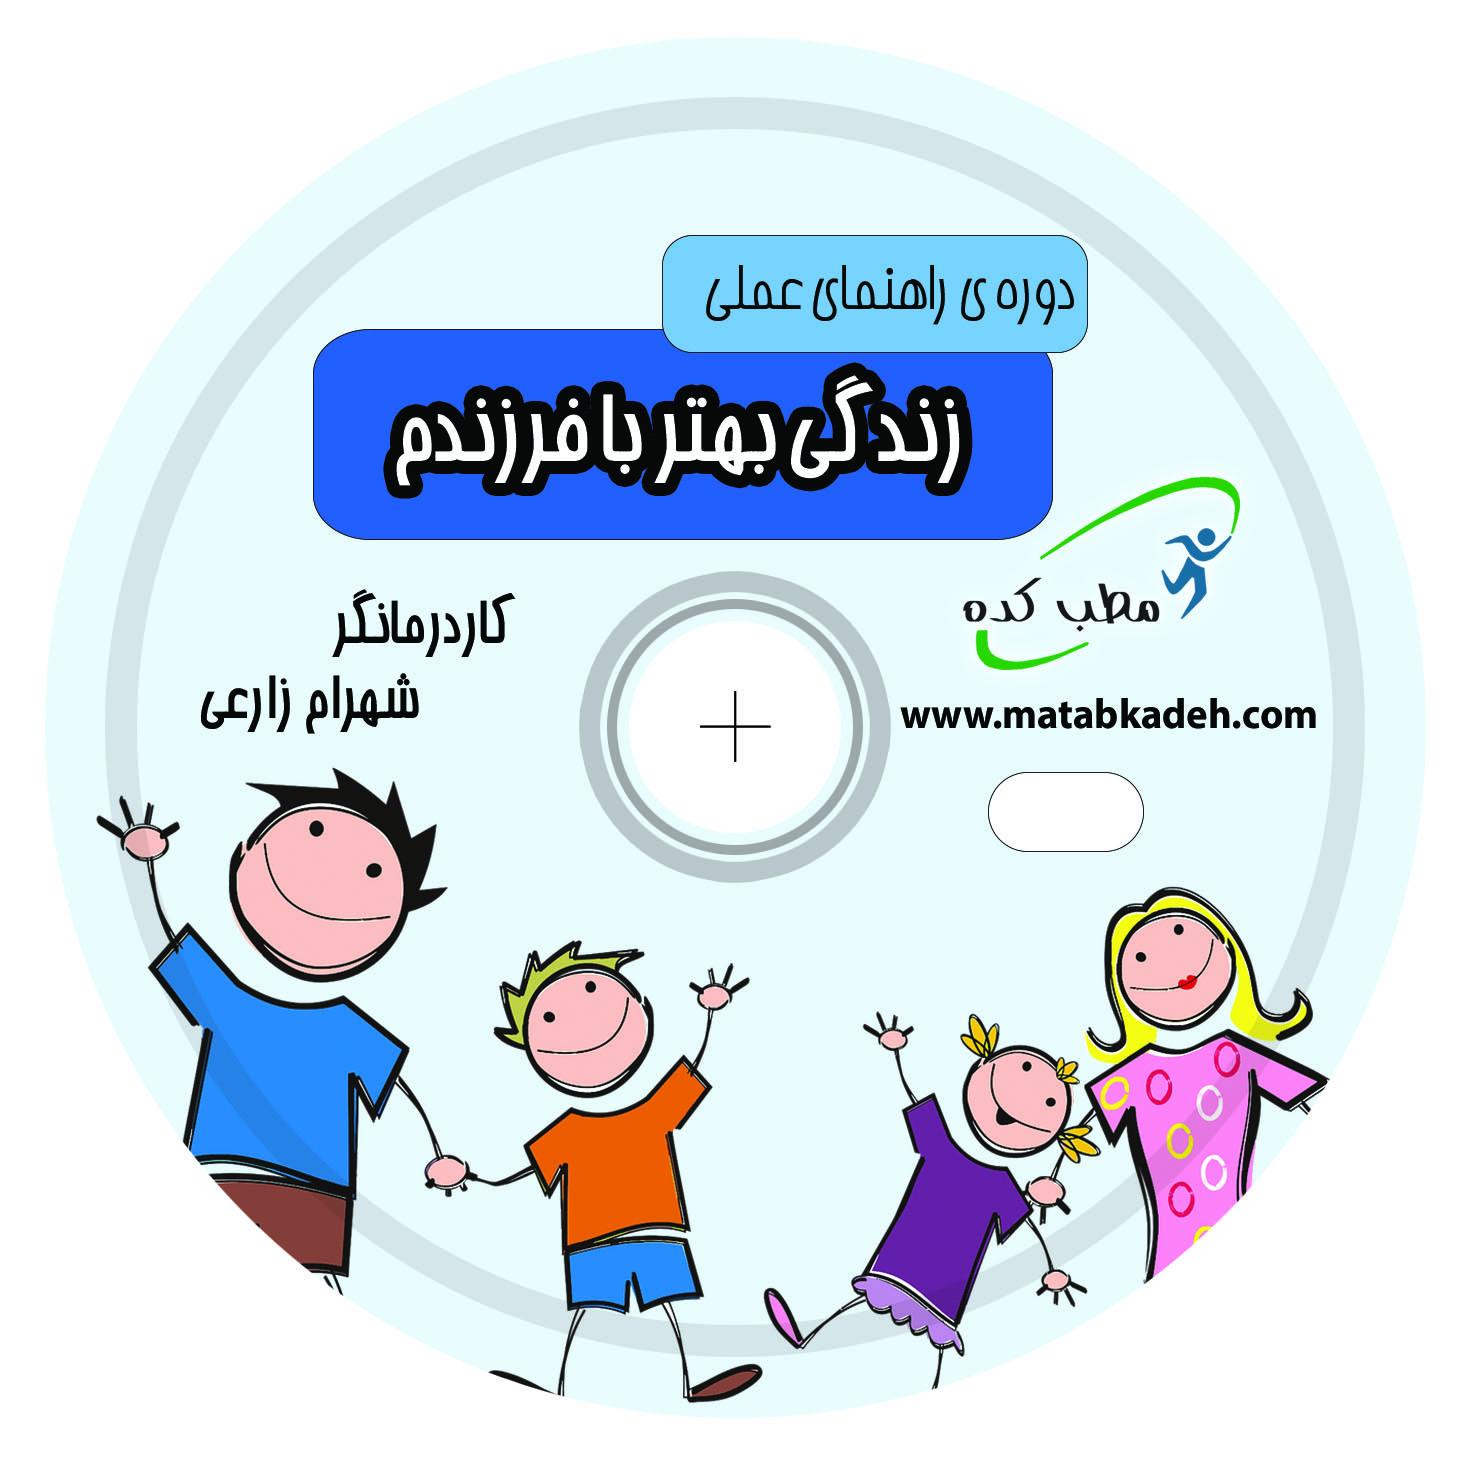 راهنمای عملی زندگی بهتر با فرزندم